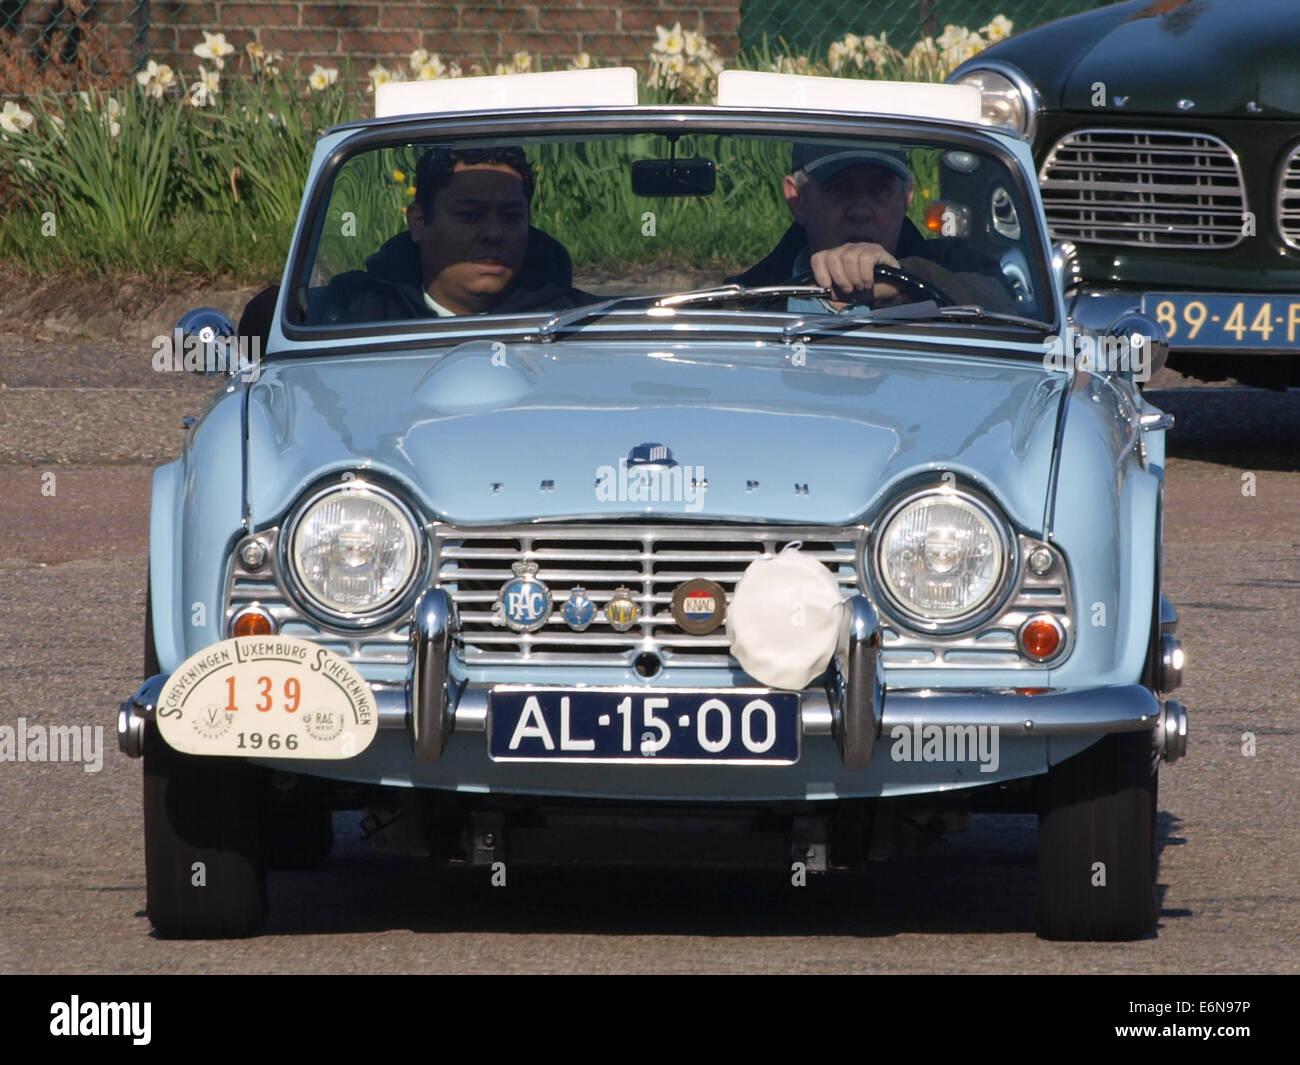 Triumph TR-4 Cabrio (1963), Dutch licence AL-15-00, pic1 - Stock Image